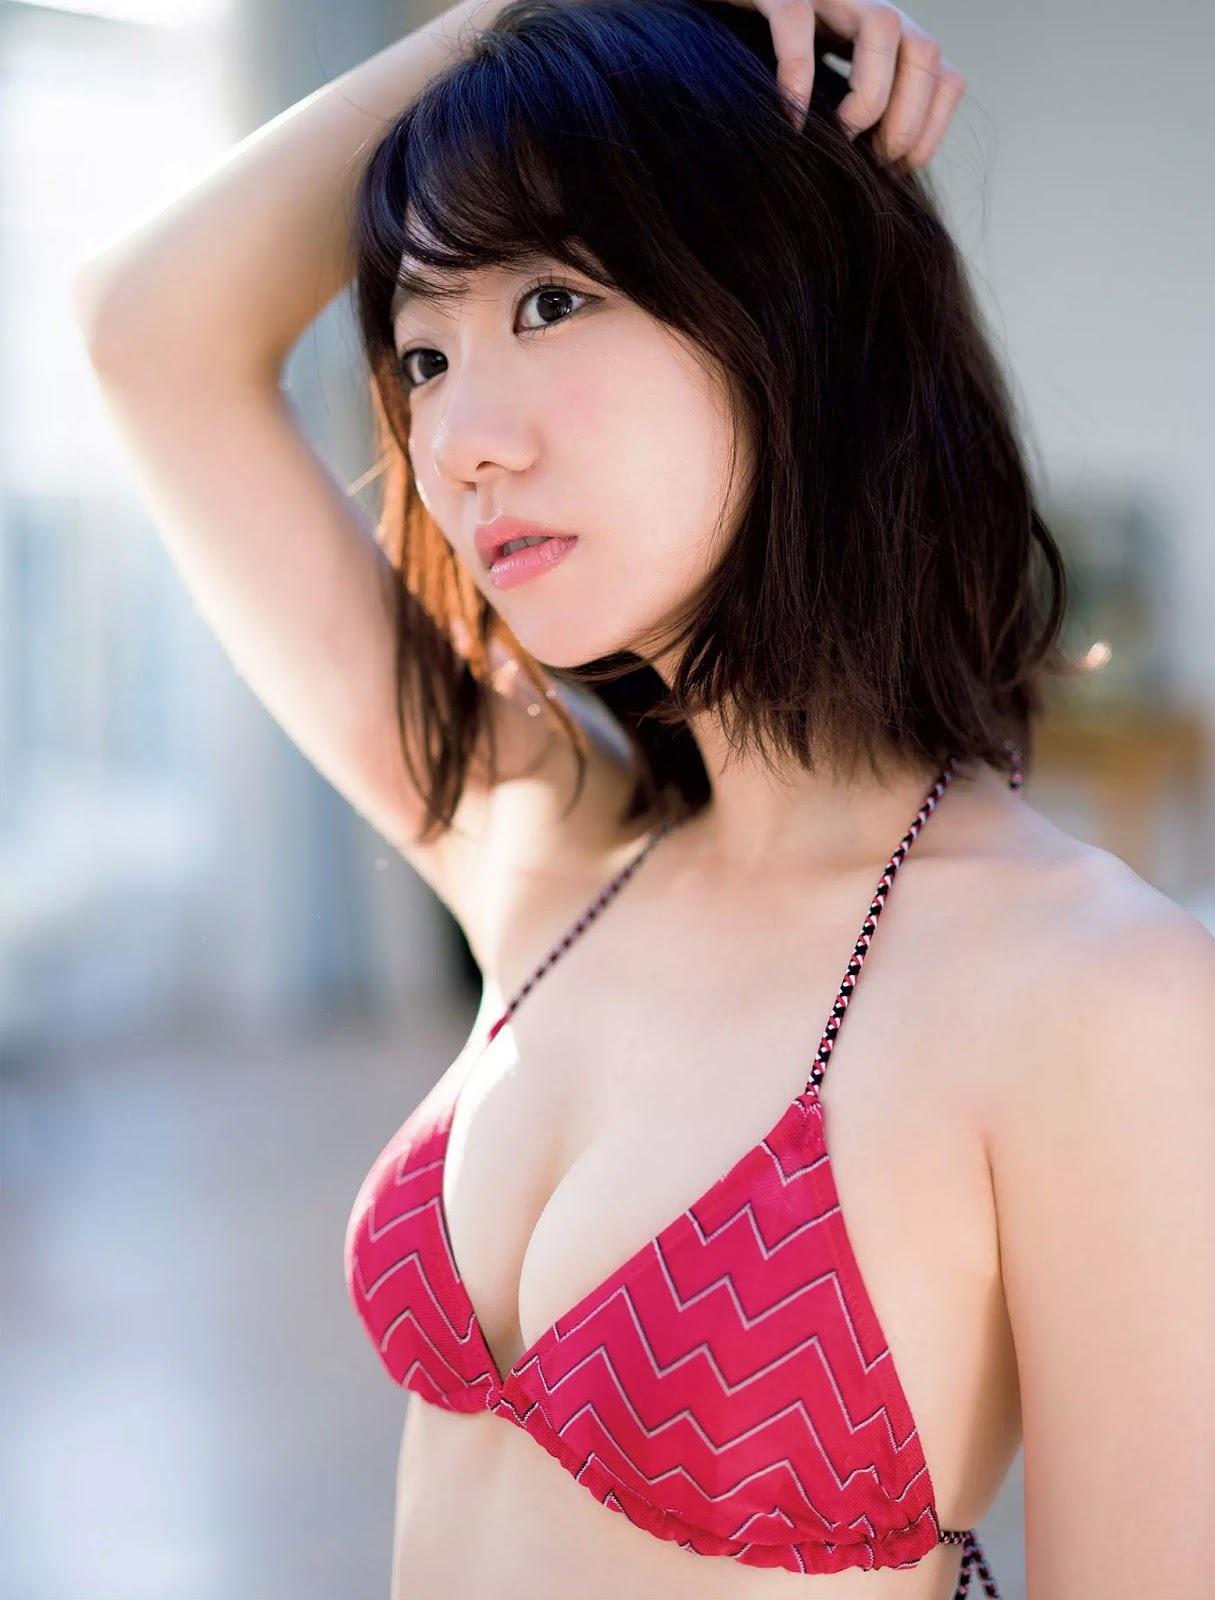 柏木由紀 ゆきりんの最新水着おっぱい極上くびれセクシー画像